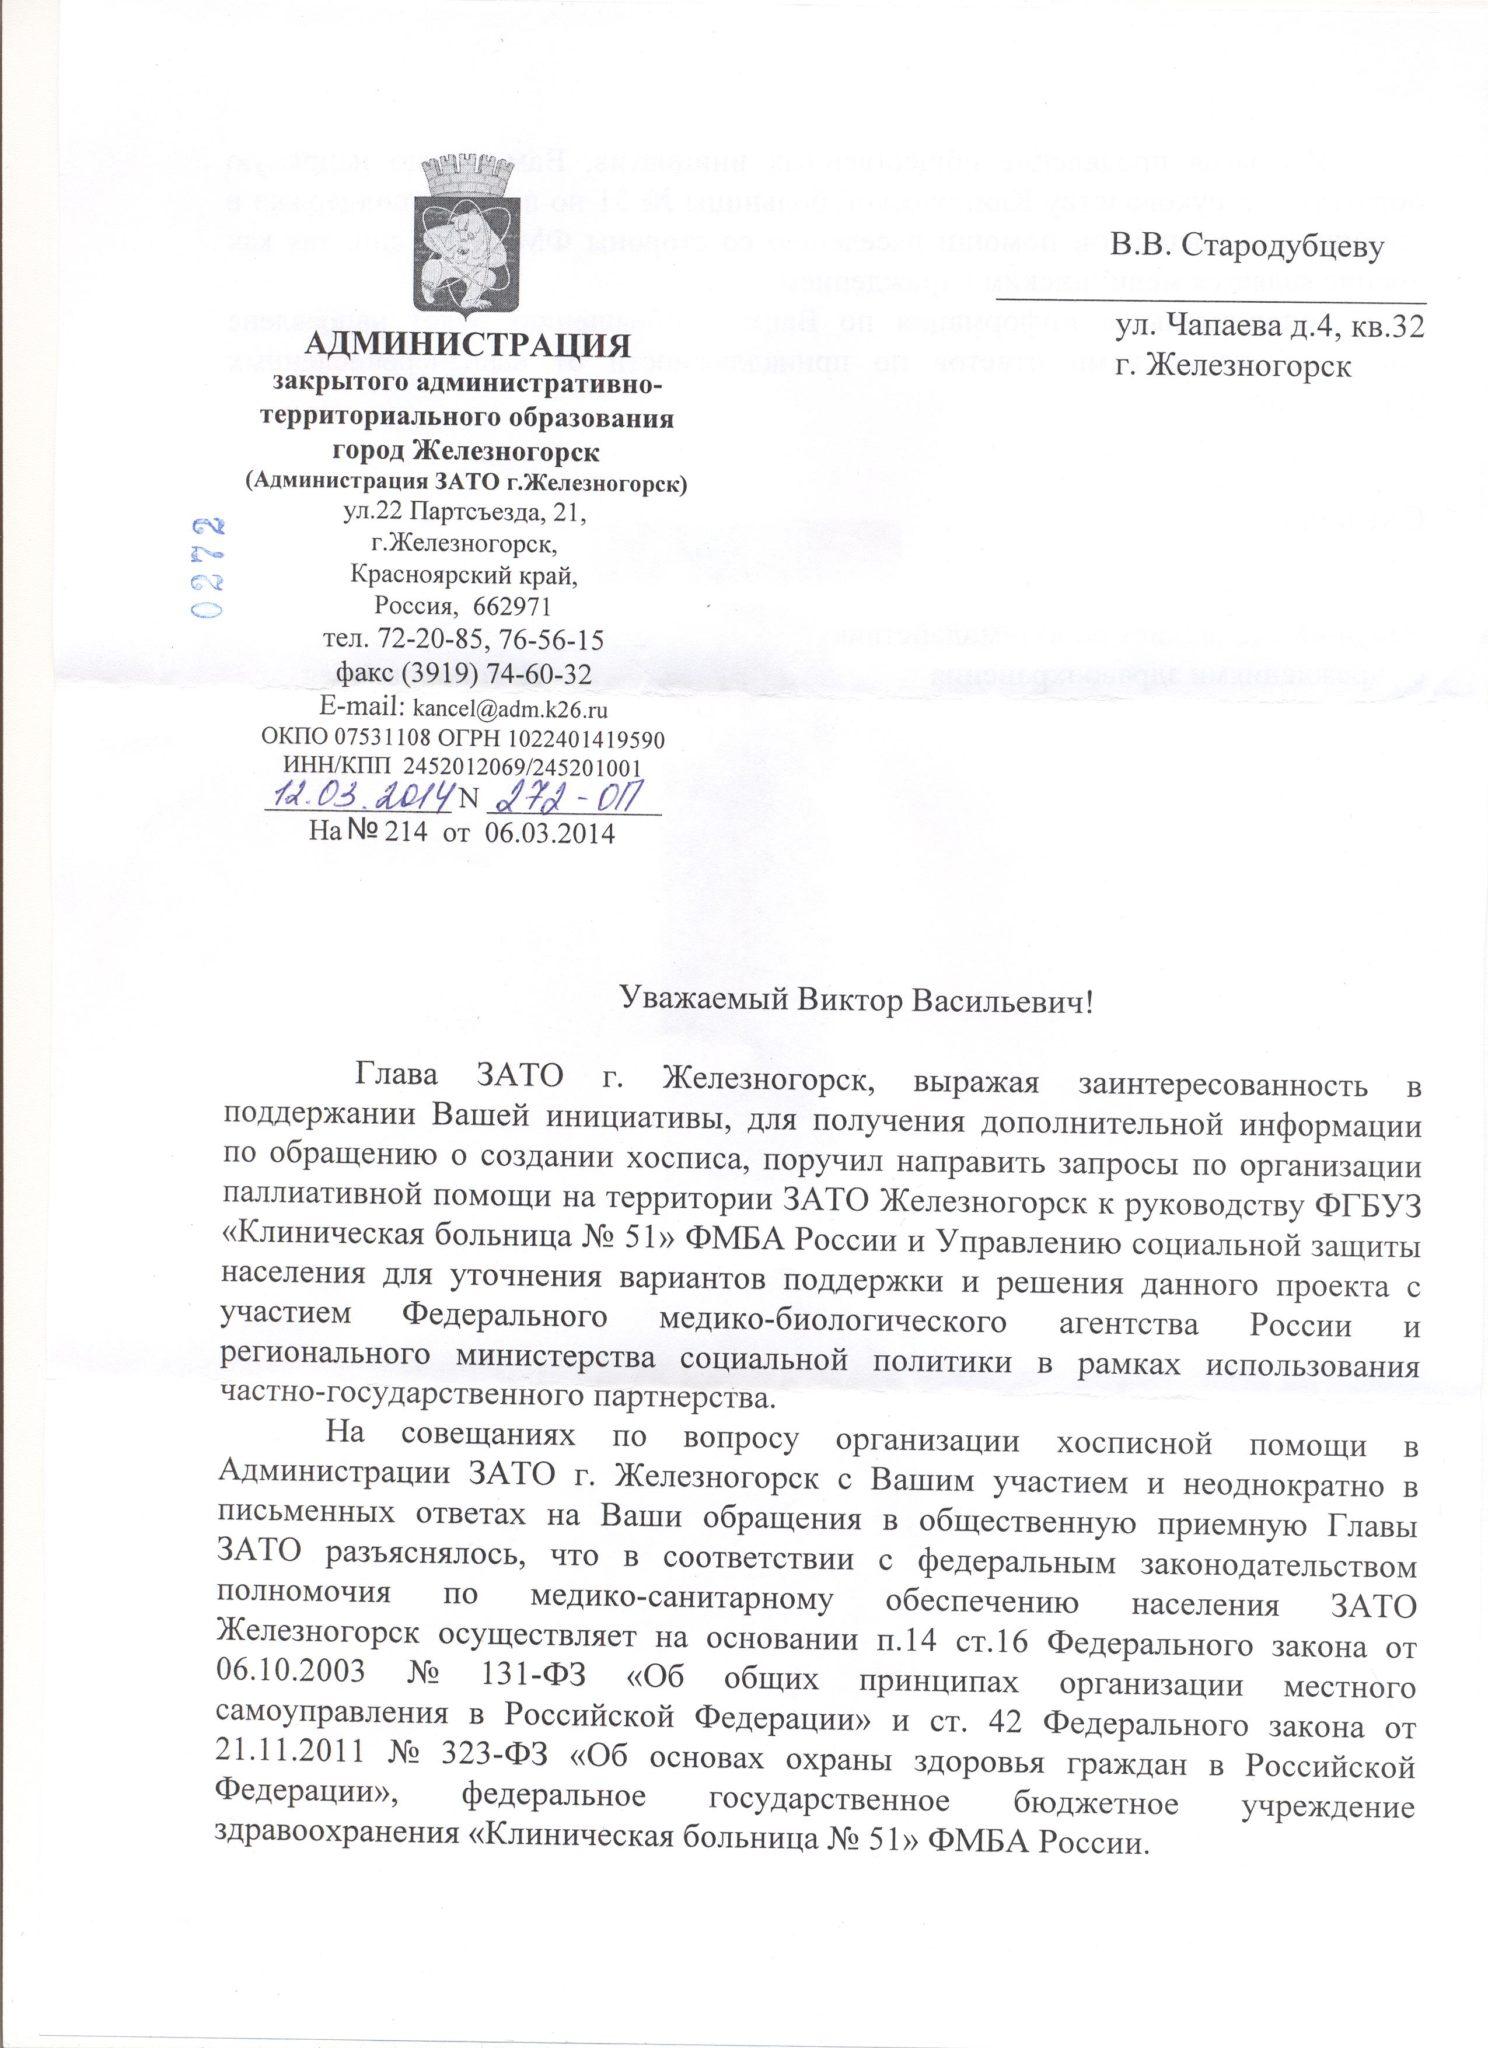 Пришел ответ на обращение в Администрацию ЗАТО г. Железногорск